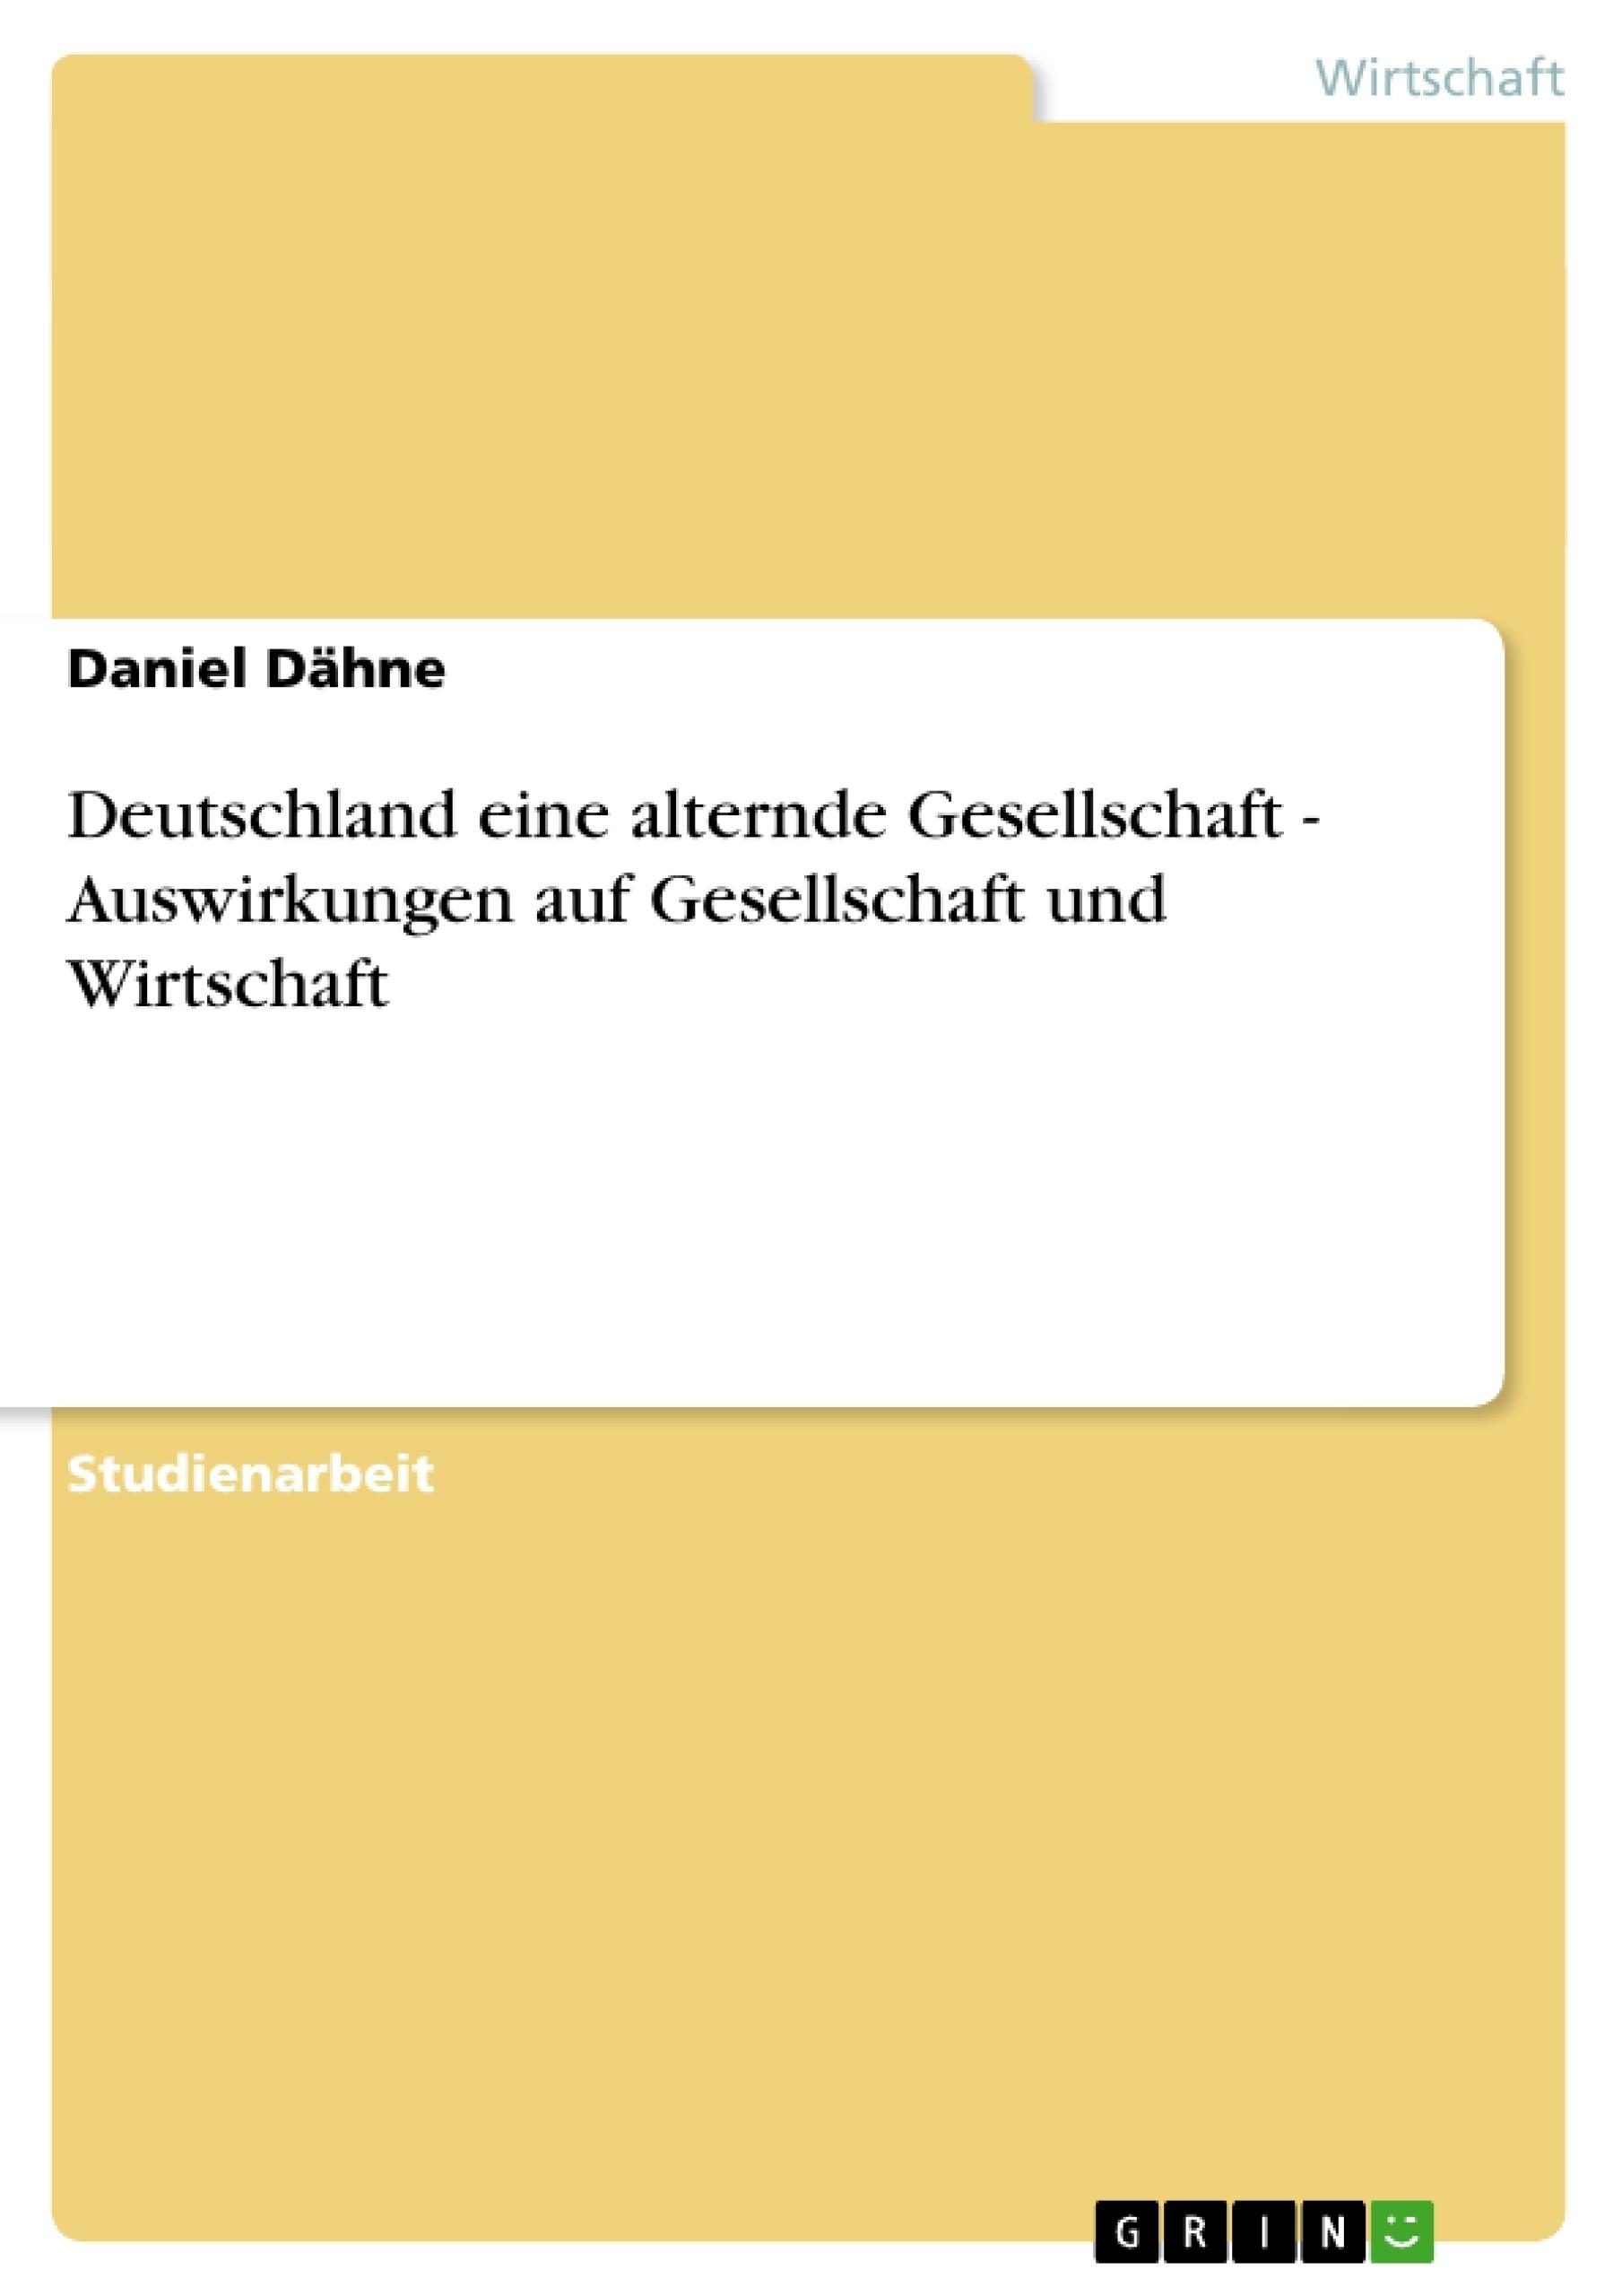 Titel: Deutschland eine alternde Gesellschaft  - Auswirkungen auf Gesellschaft und Wirtschaft